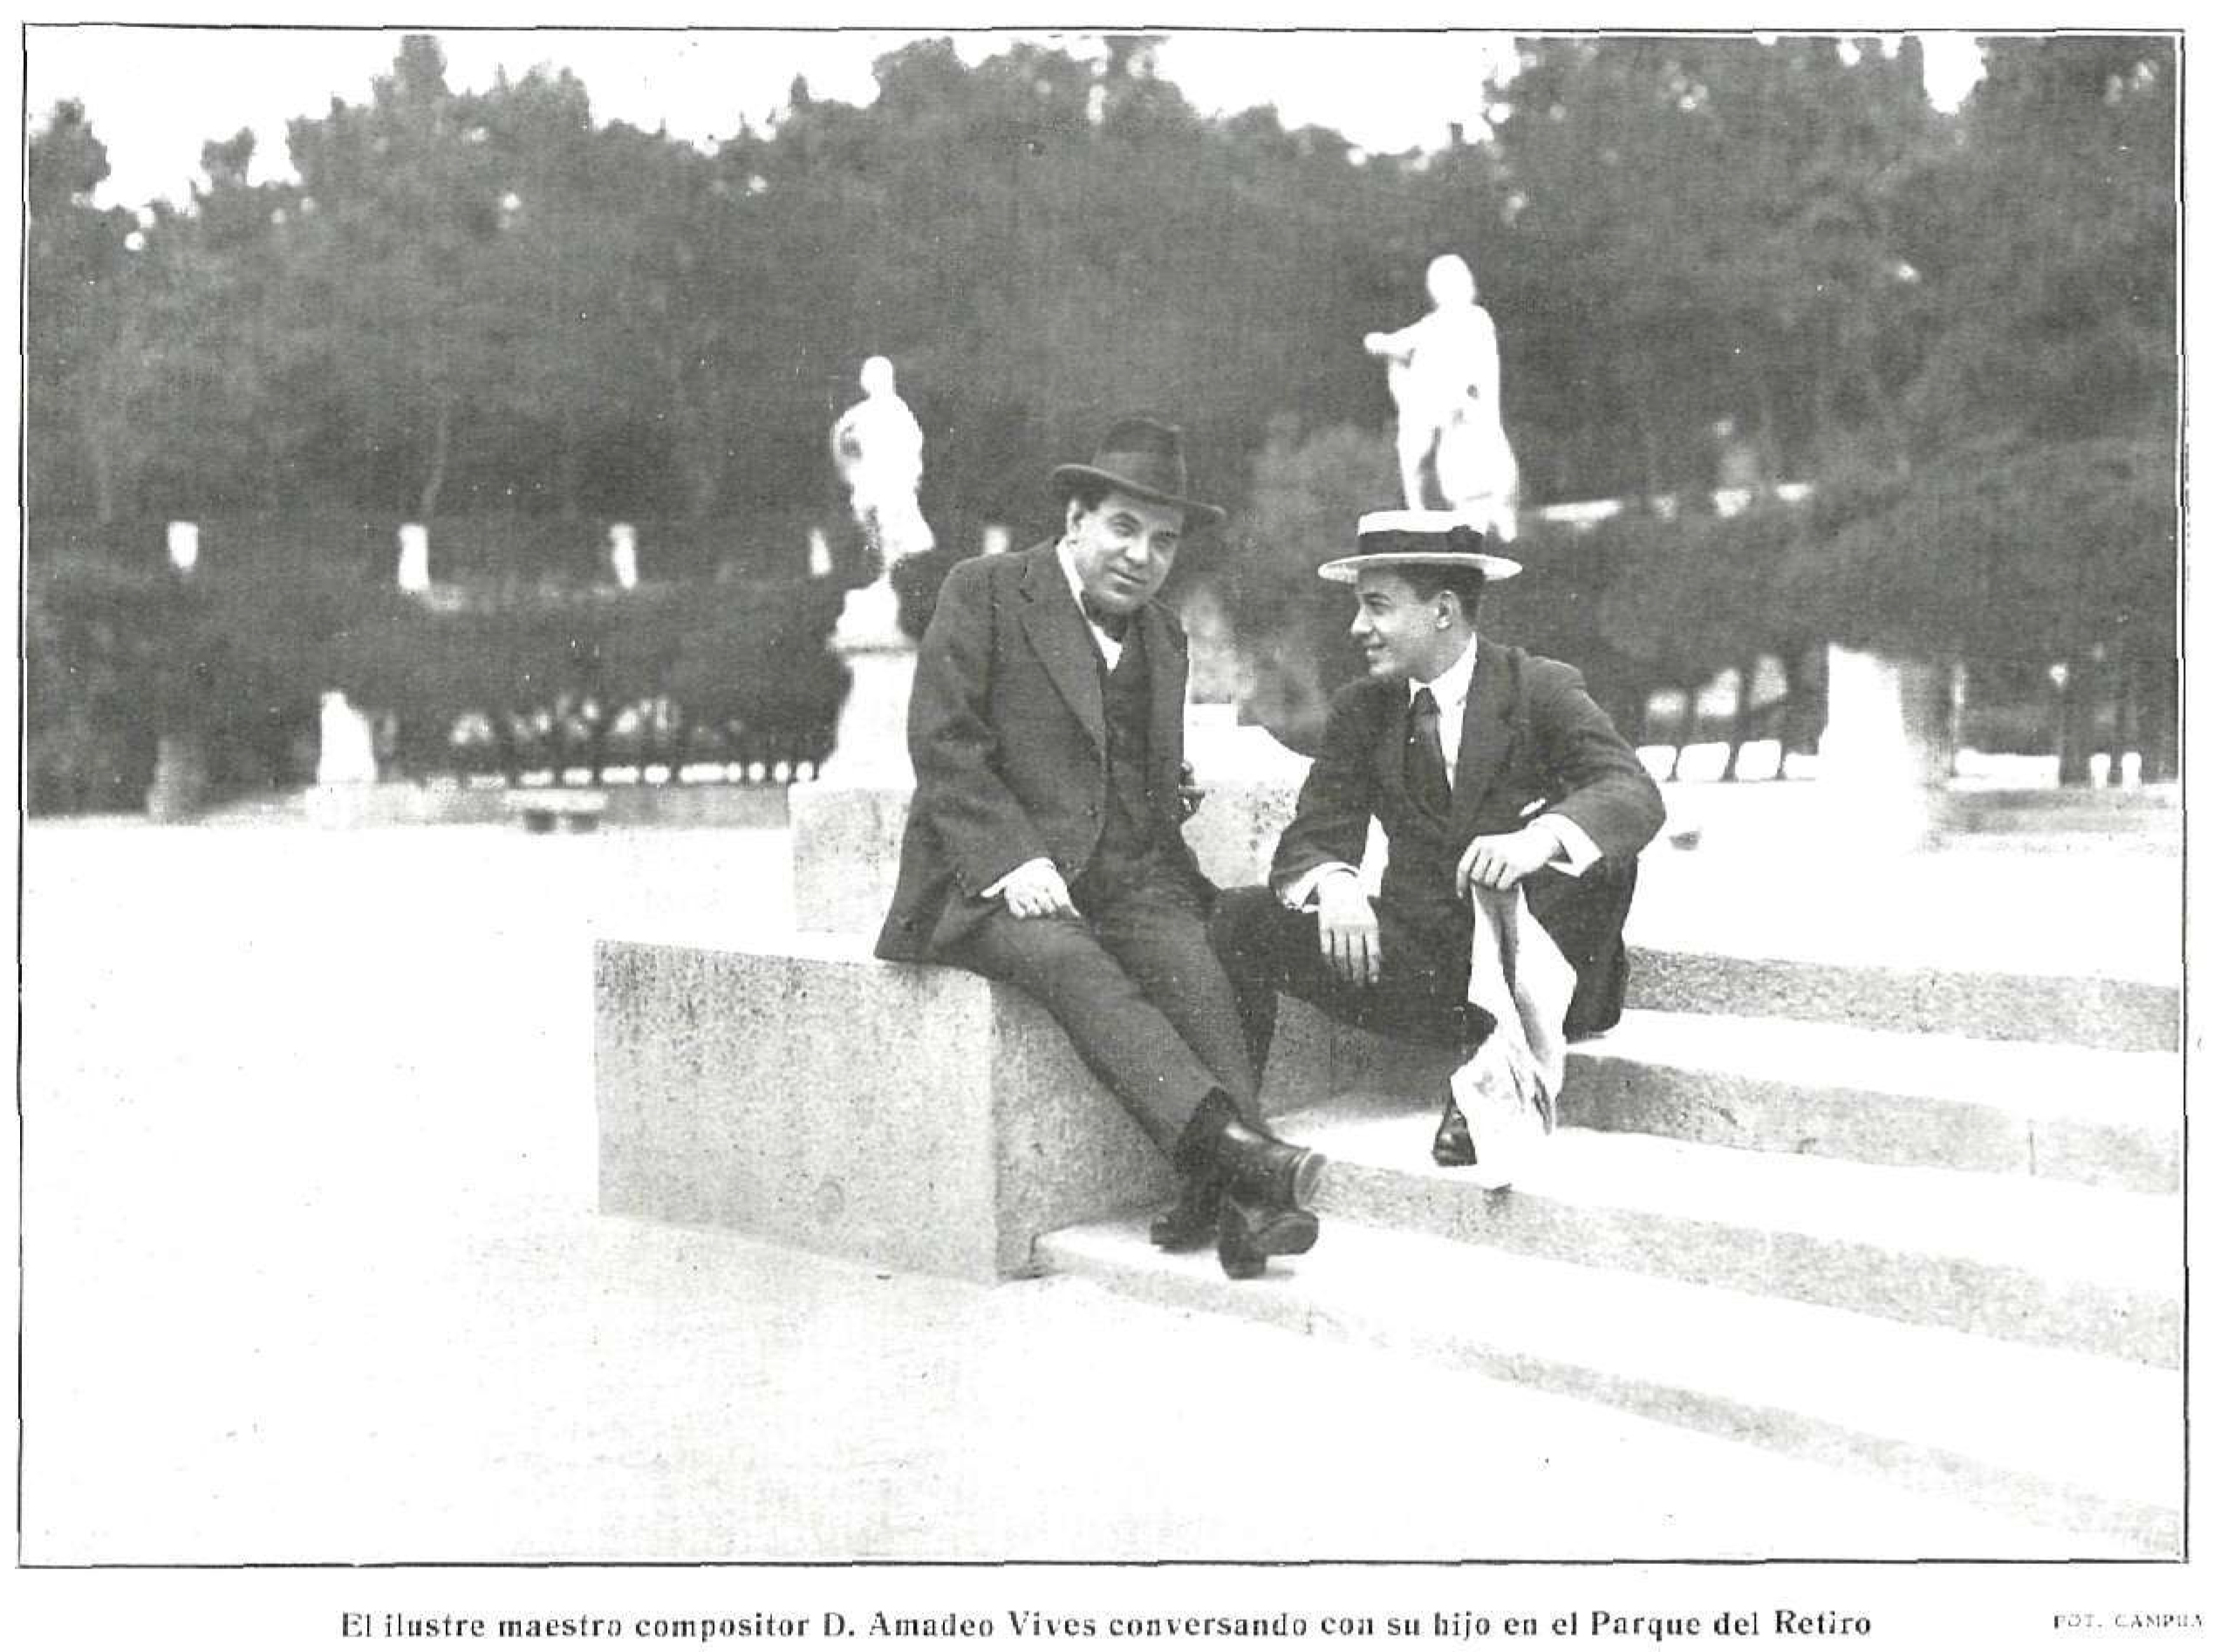 Amadeo Vives, fotografiado por Campúa, conversando con su hijo en el parque del Retiro (La Esfera, 1914)